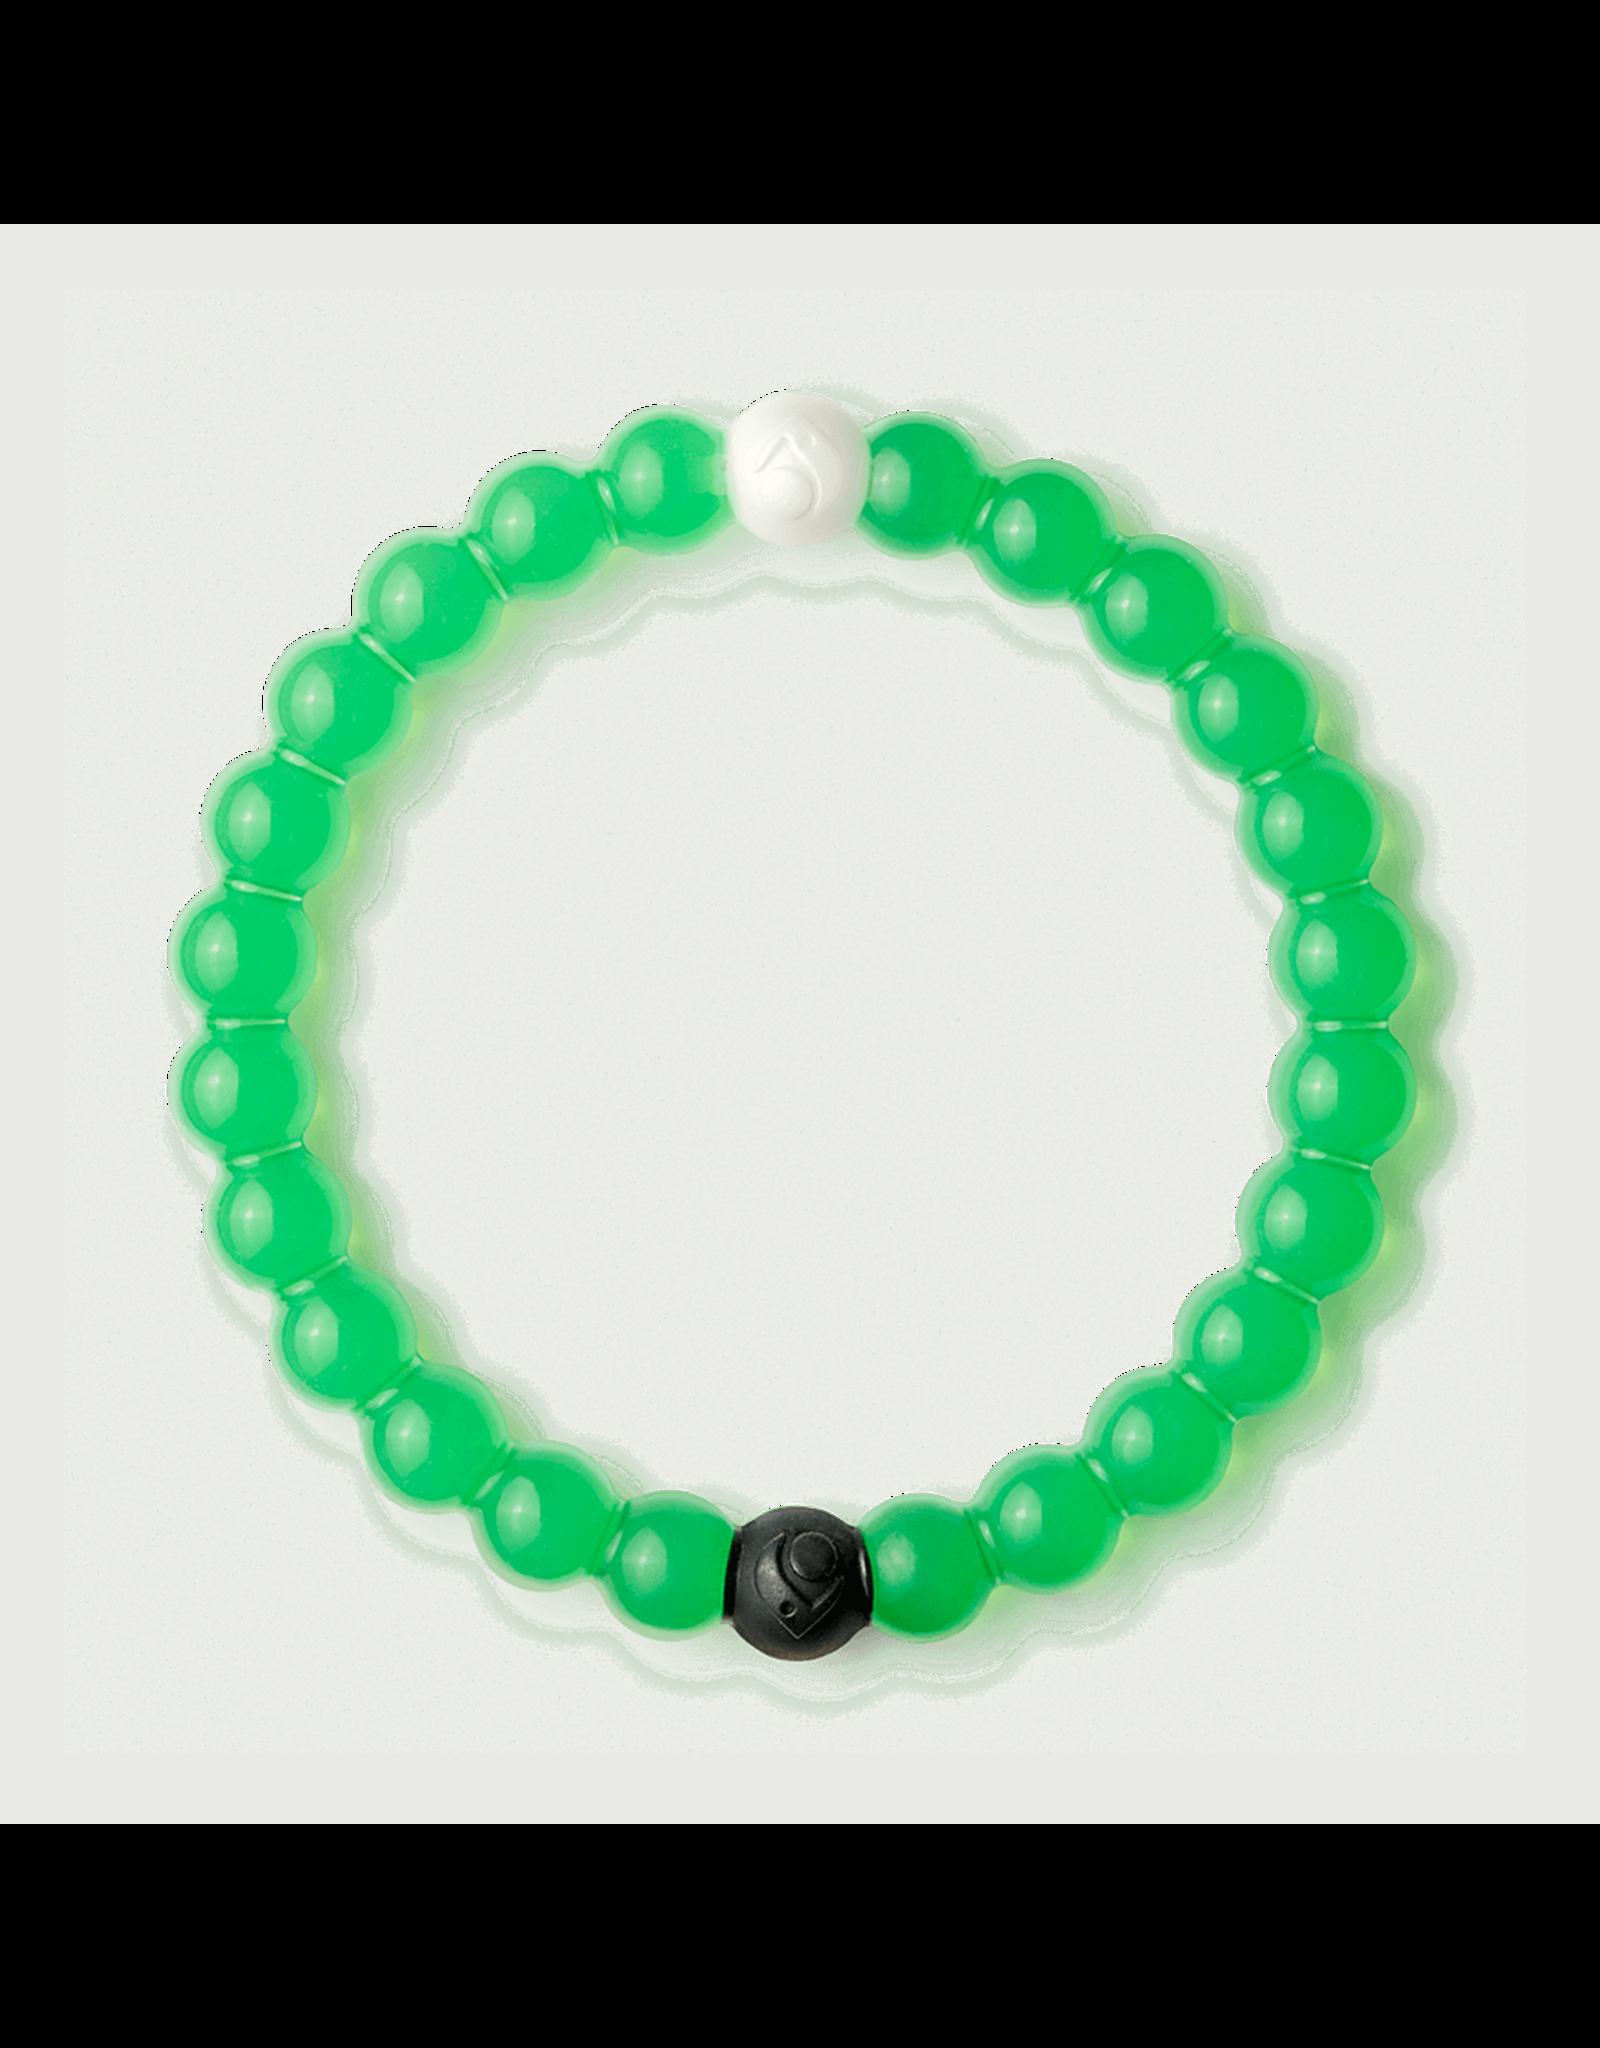 Lokai Balance Bracelet